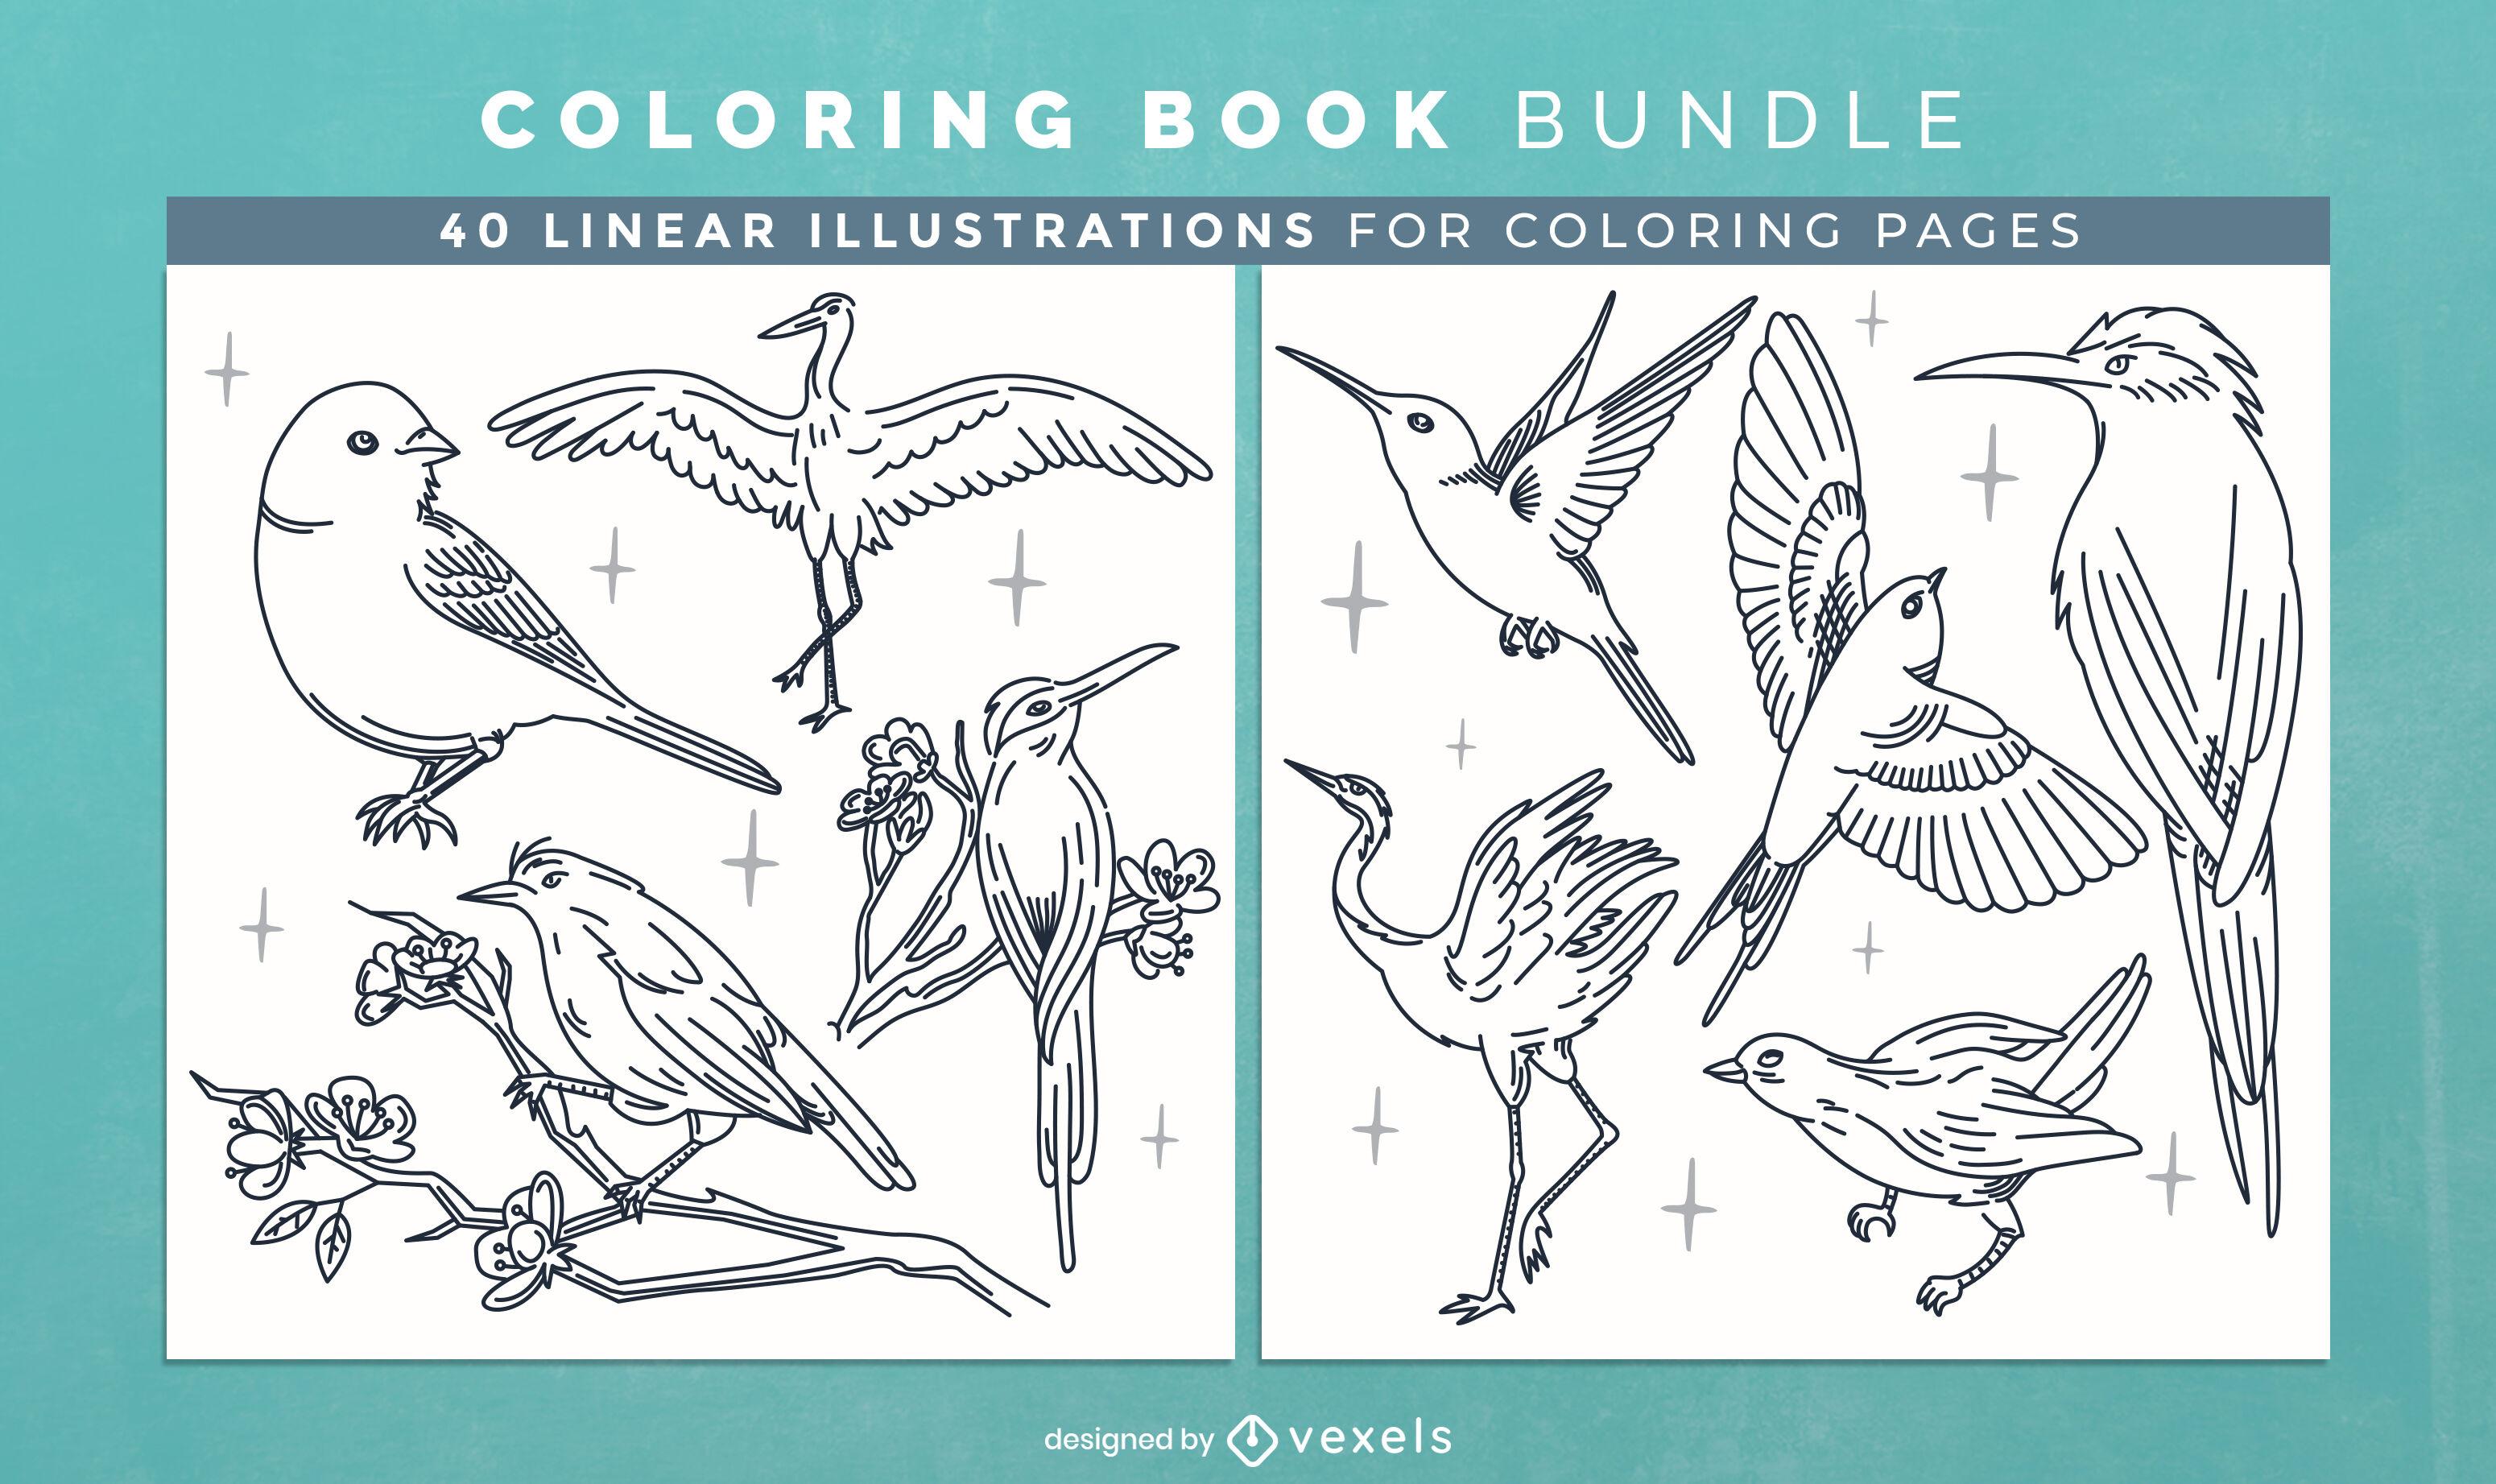 Dise?o de p?ginas de libro para colorear de animales de aves